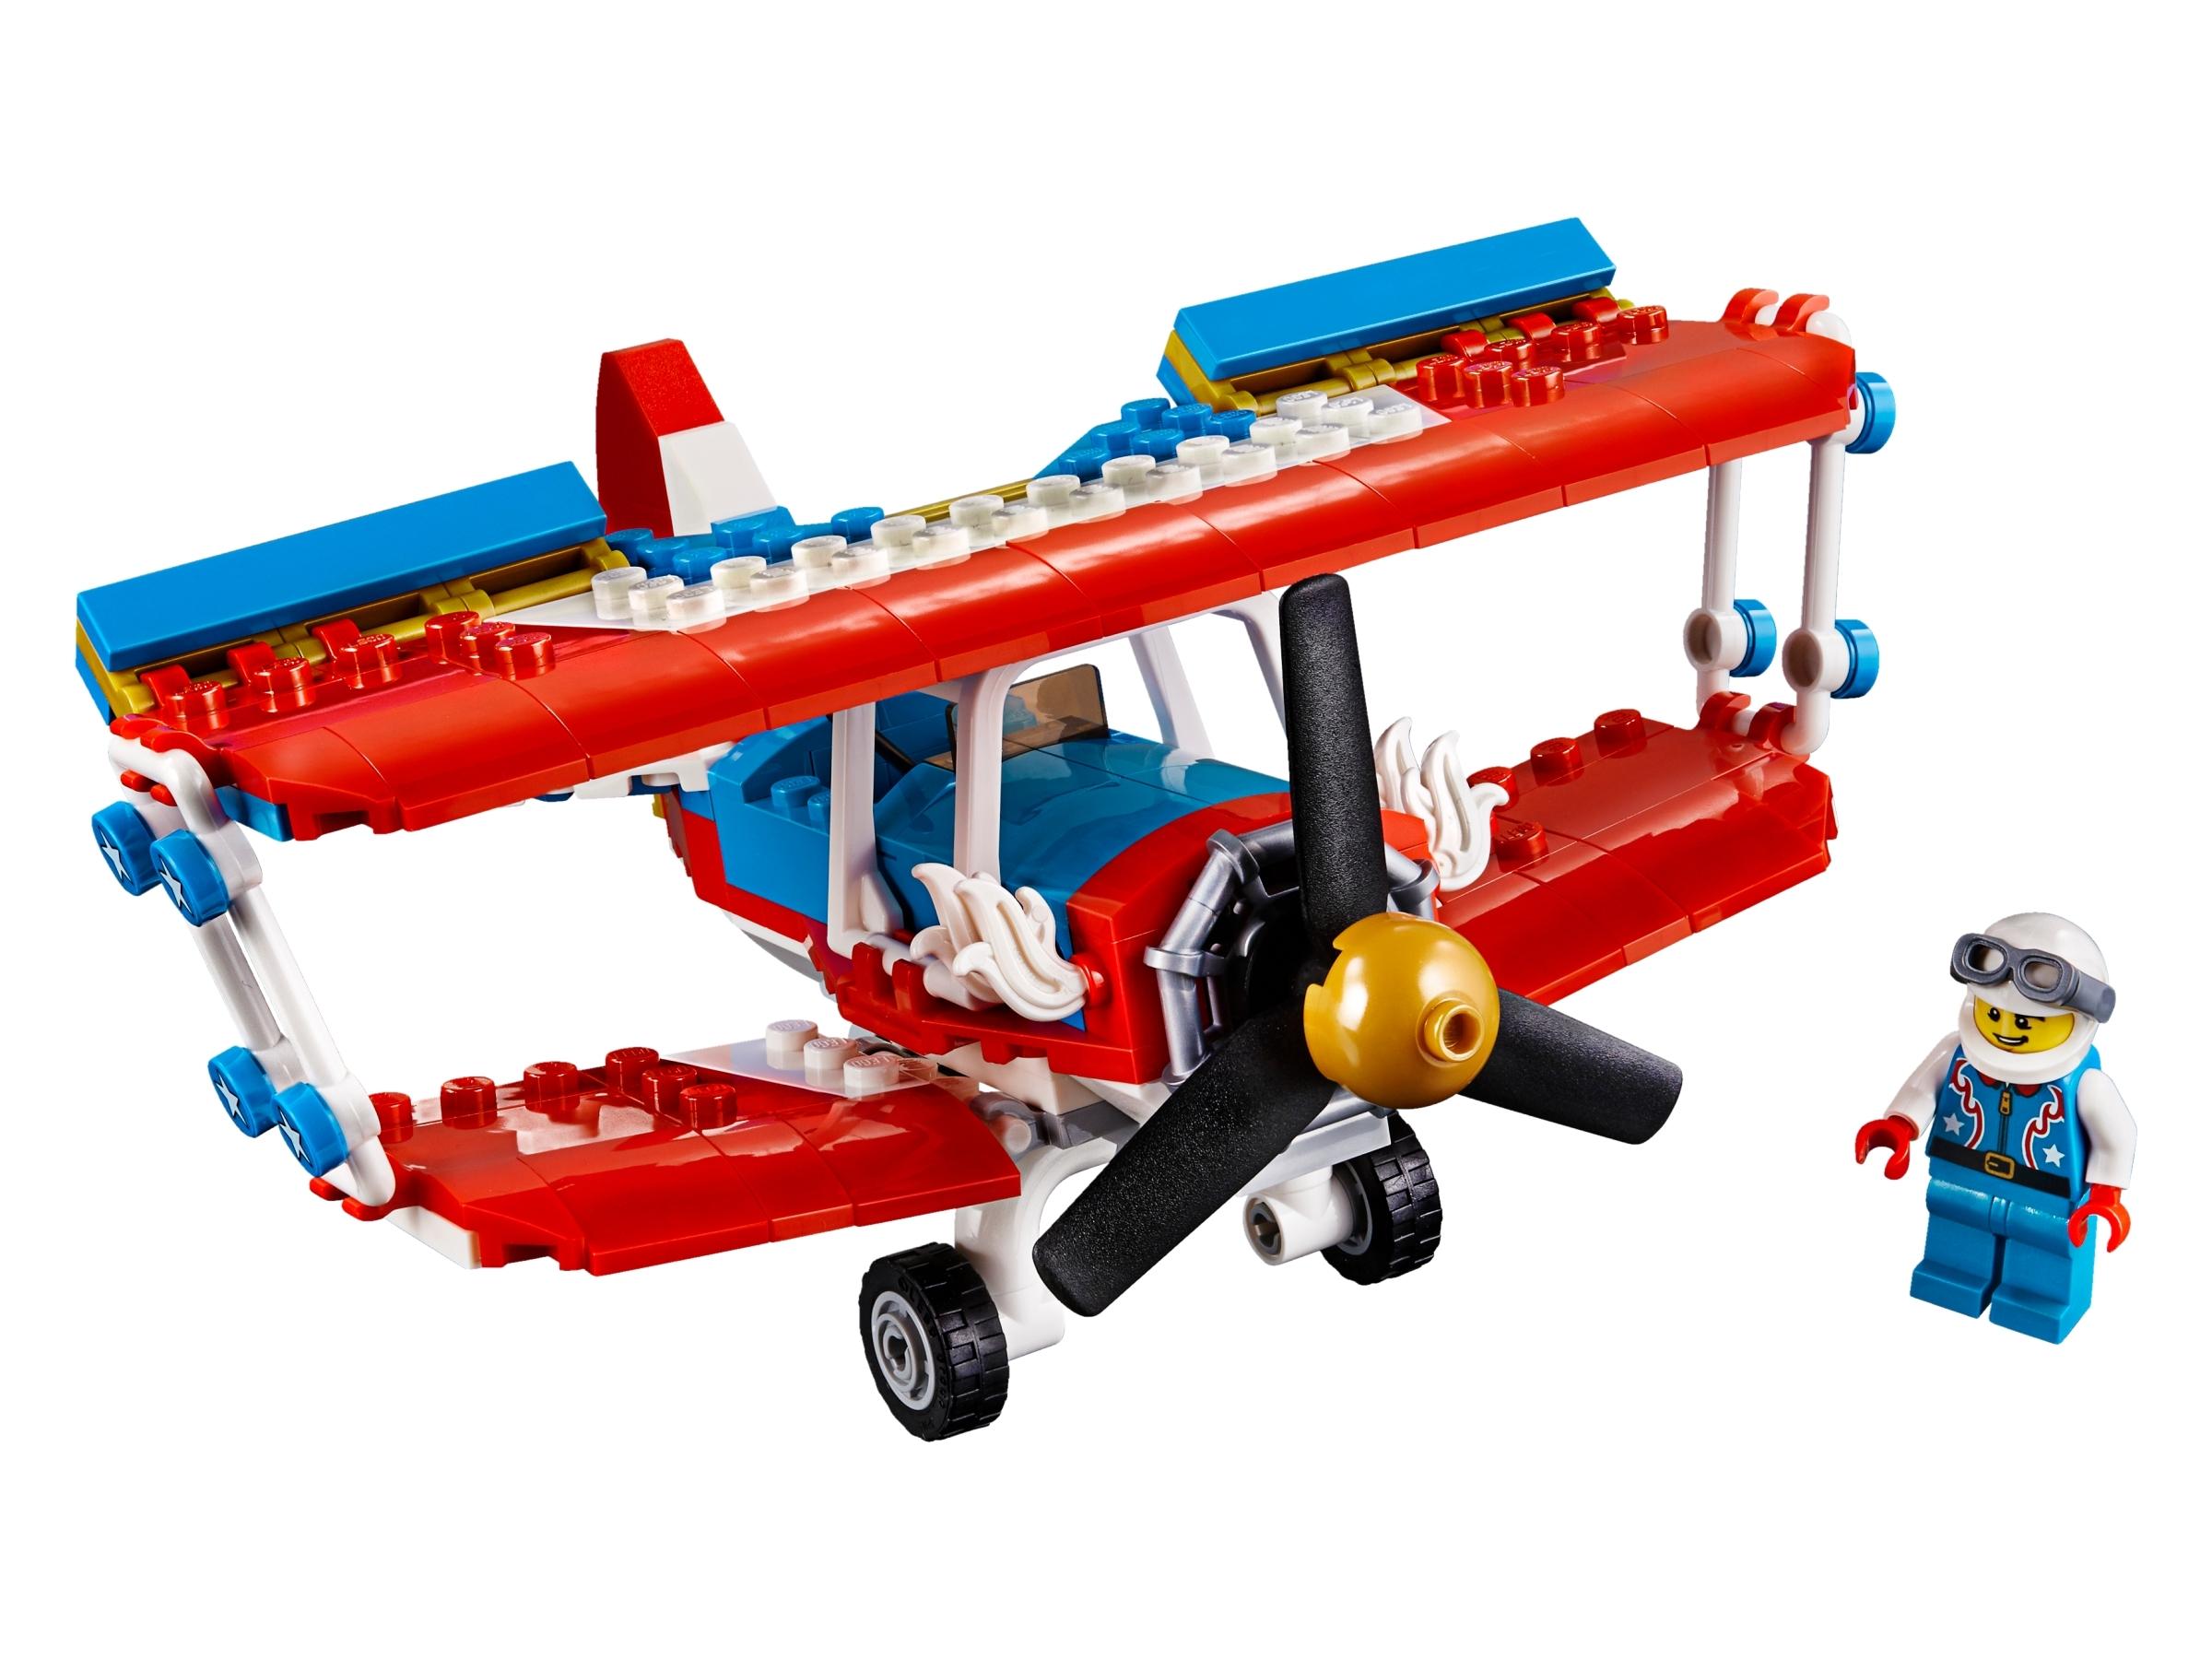 lego stuntvliegtuig 31076